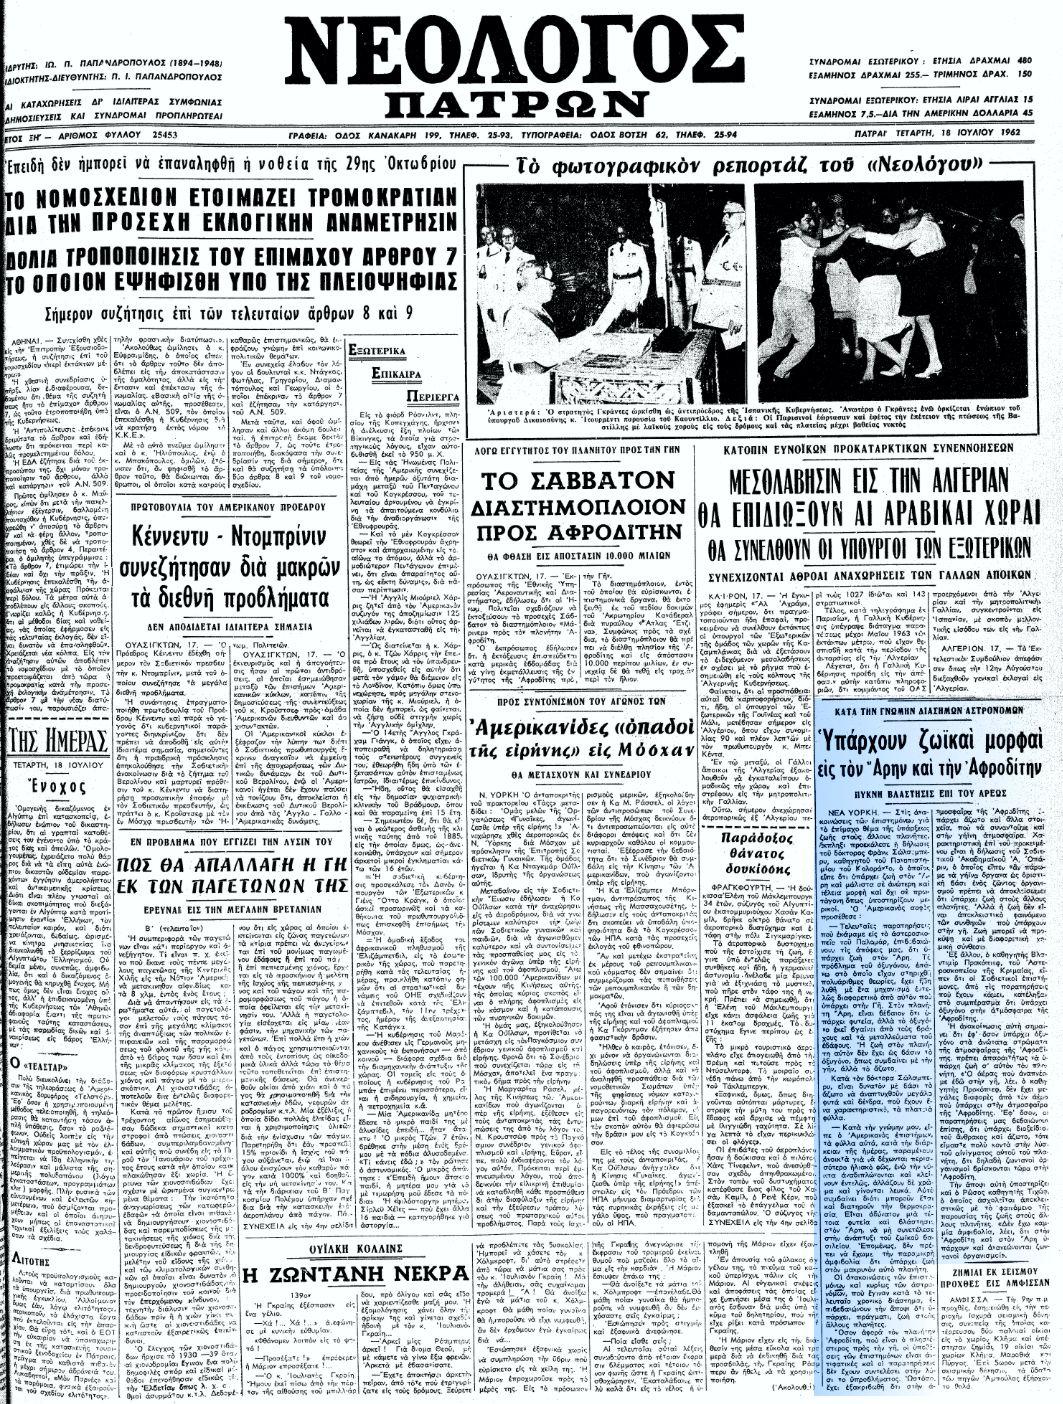 """Το άρθρο, όπως δημοσιεύθηκε στην εφημερίδα """"ΝΕΟΛΟΓΟΣ ΠΑΤΡΩΝ"""", στις 18/07/1962"""